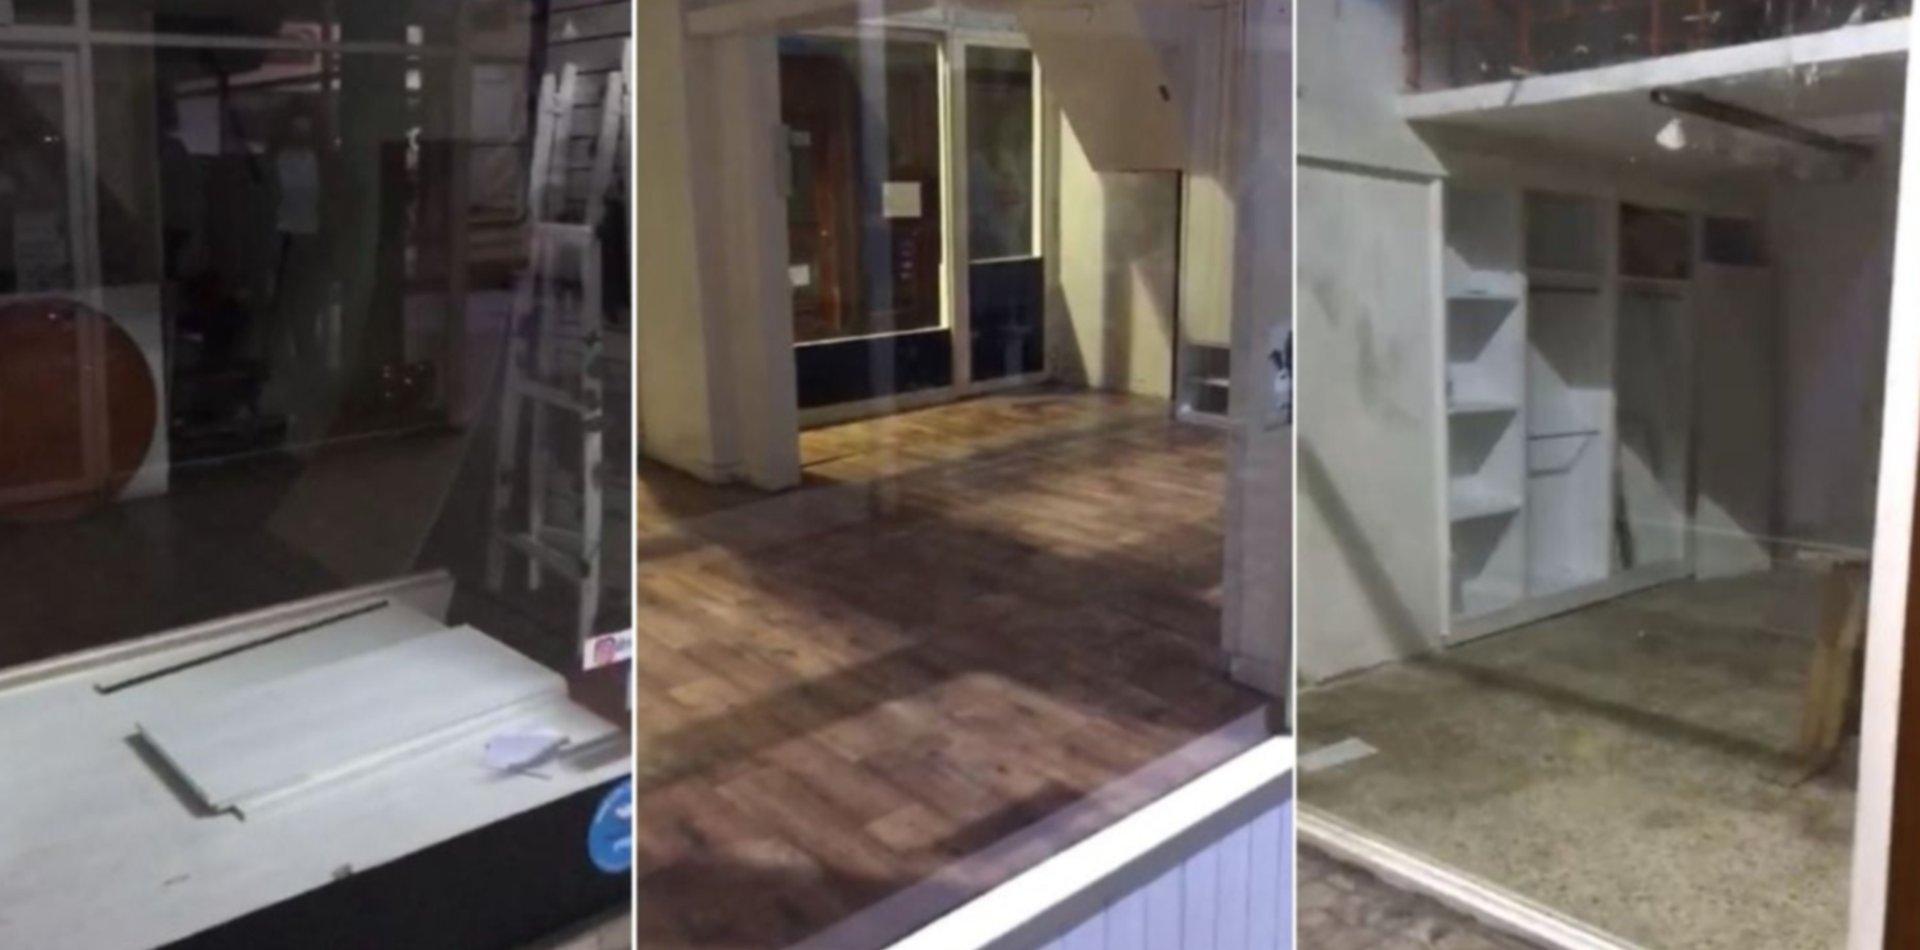 VIDEO: Cerraron doce locales y la Galería Géminix casi quedó vacía por el coronavirus